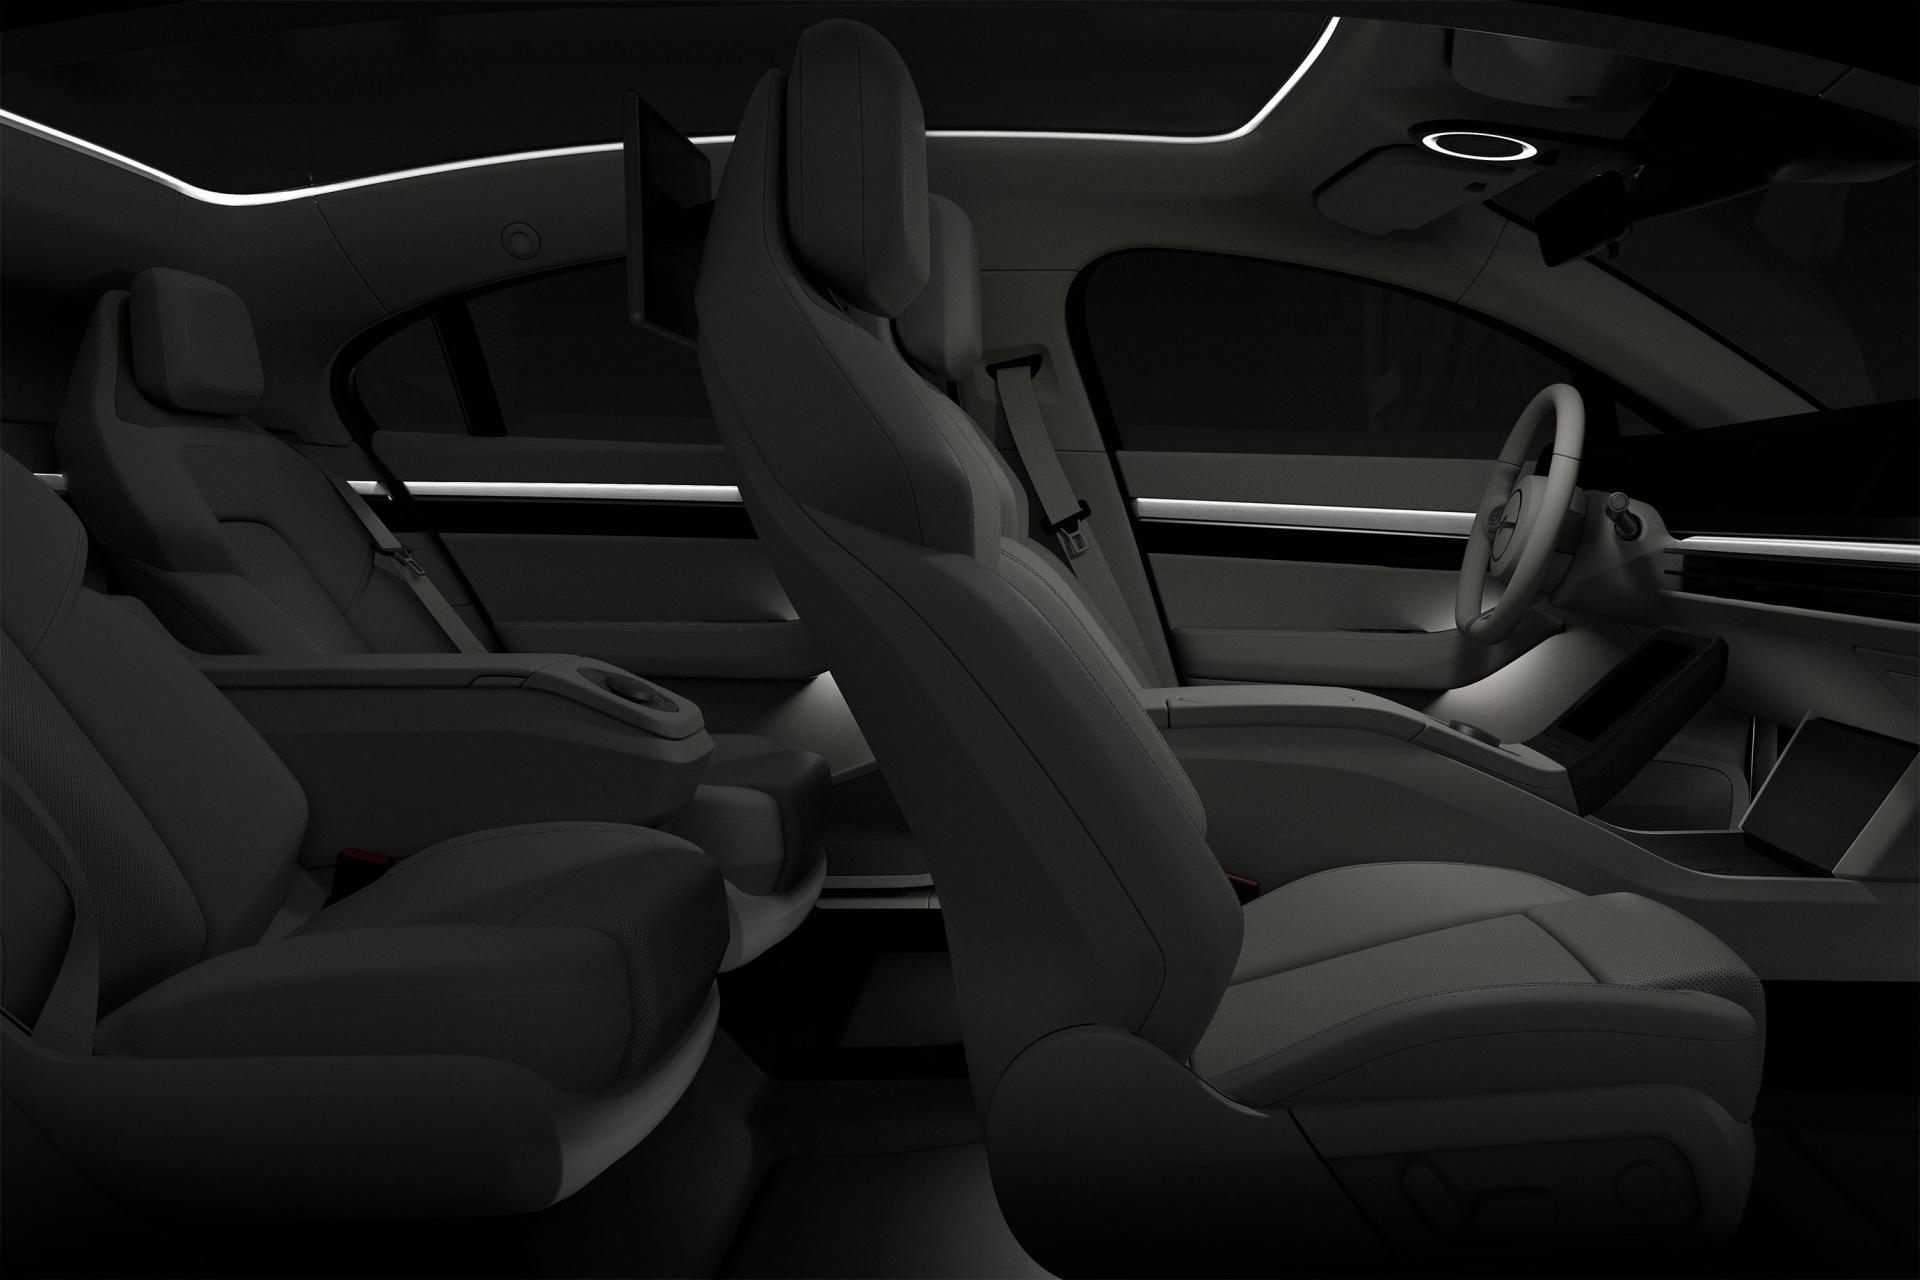 Sony bất ngờ ra mắt mẫu xe điện Vision-S tại CES 2020 - 15